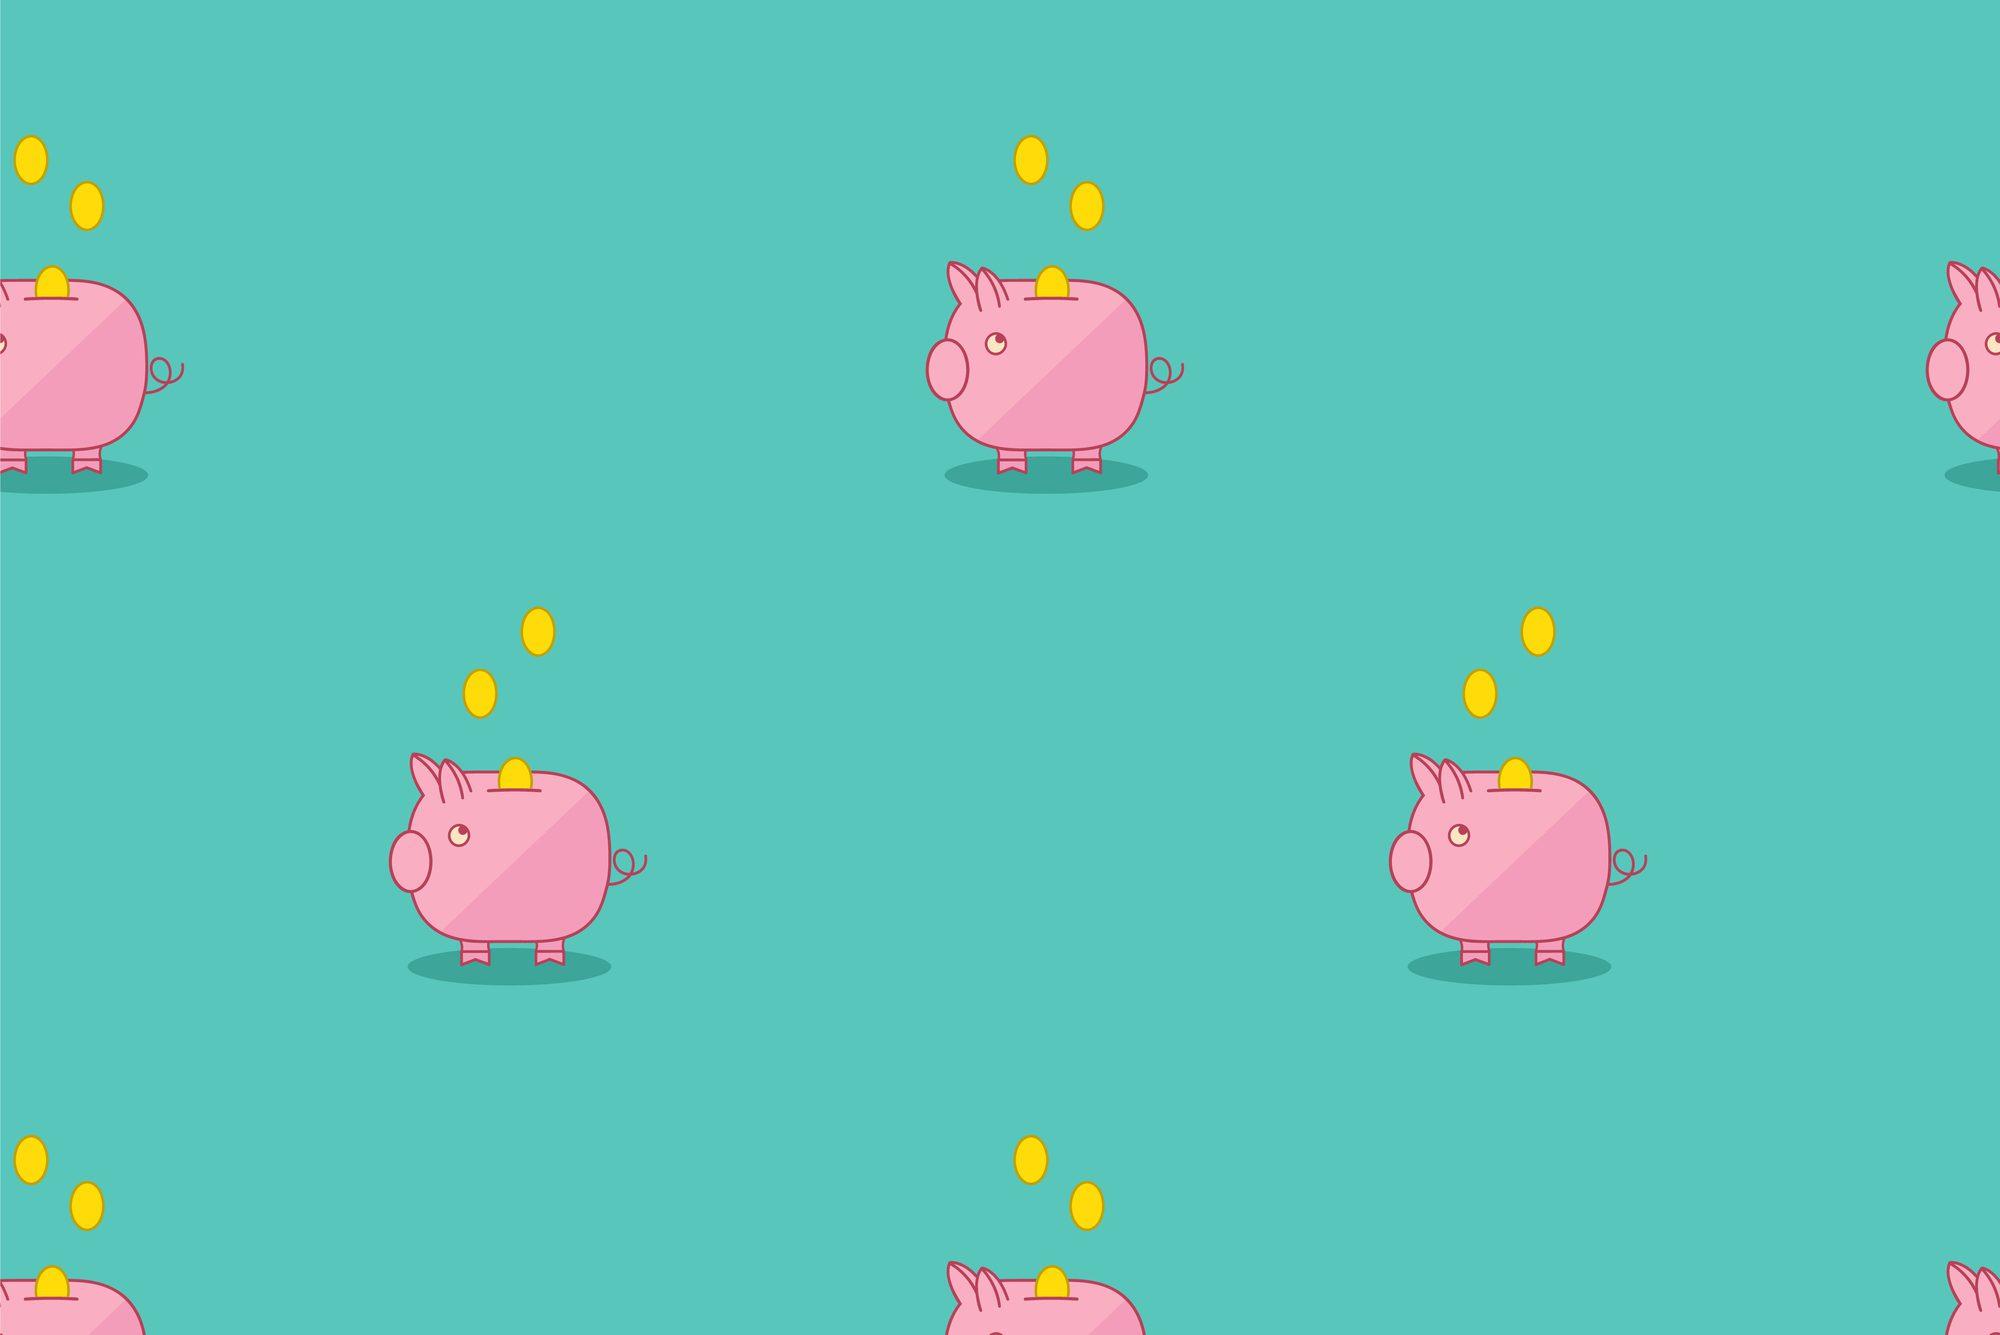 Кредит довіри: які можливості банки створюють для благодійності